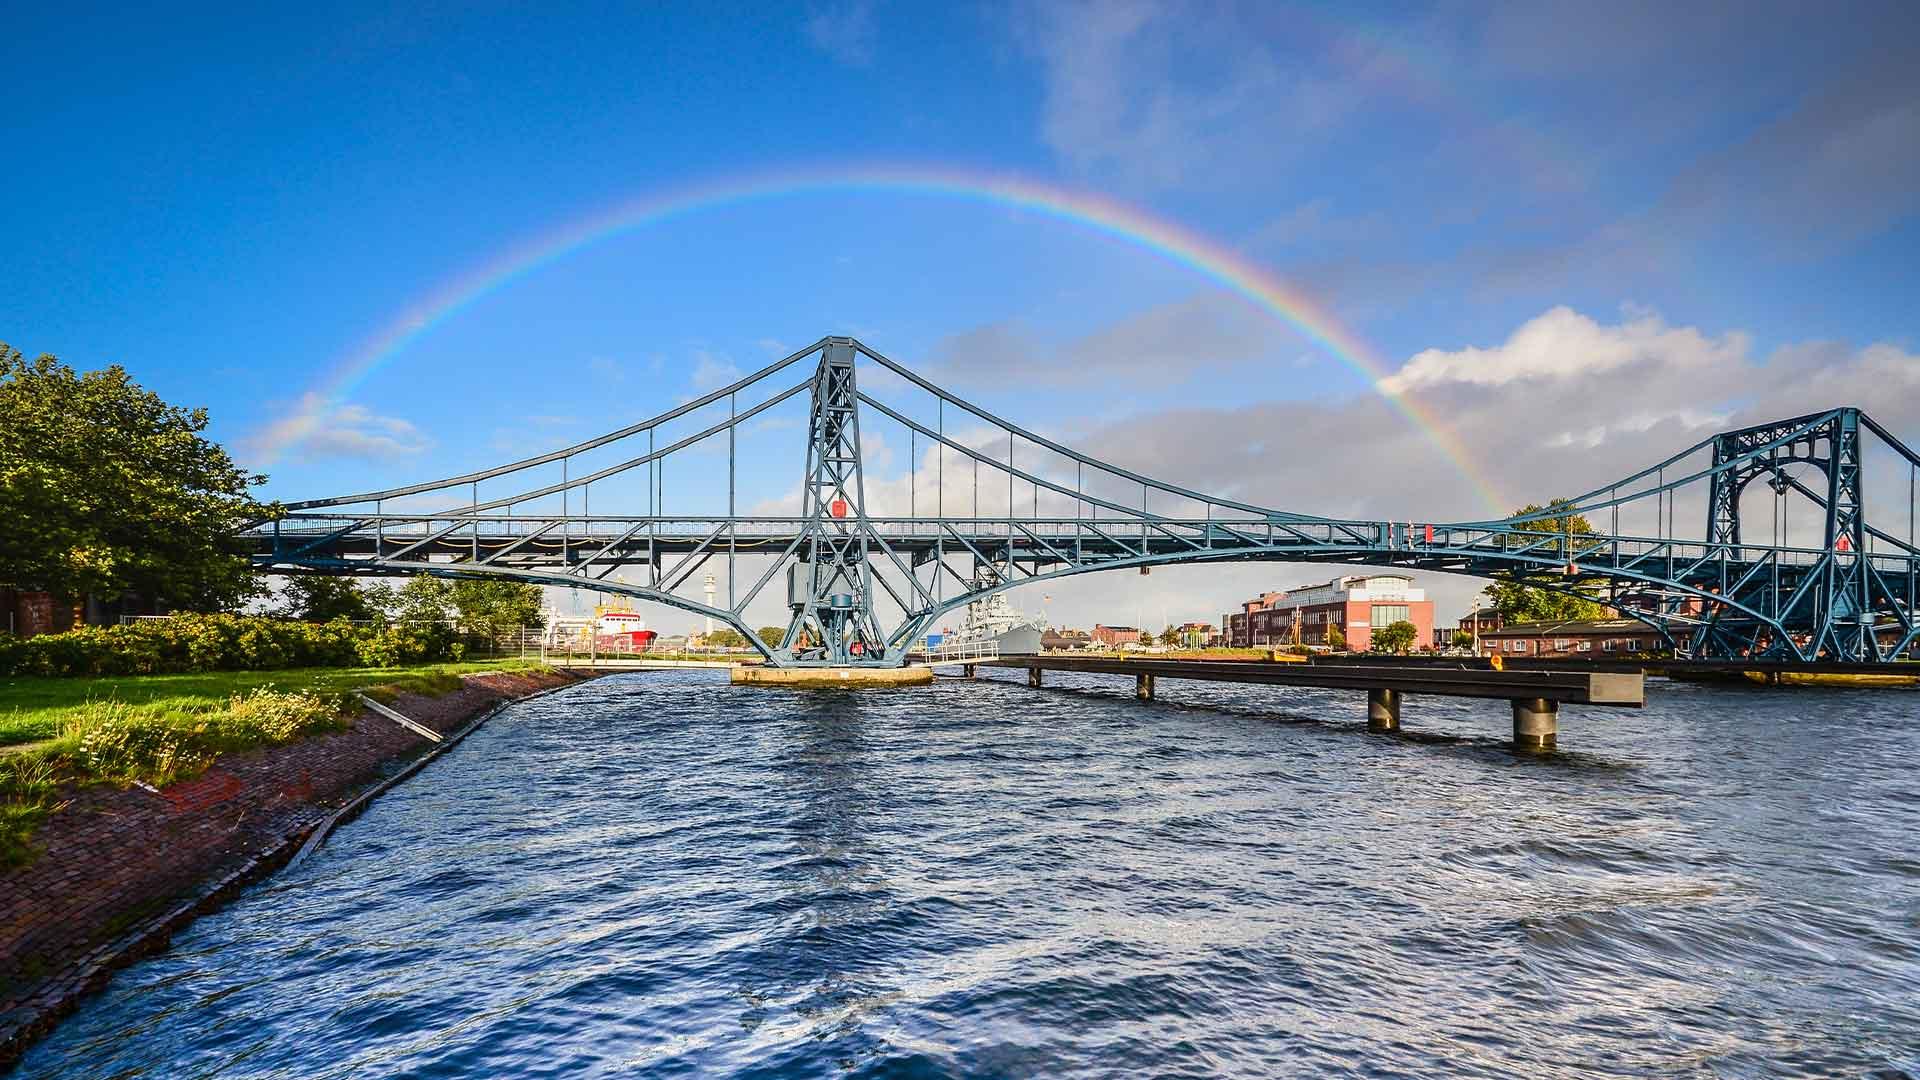 Brücke unter einem Regenbogen